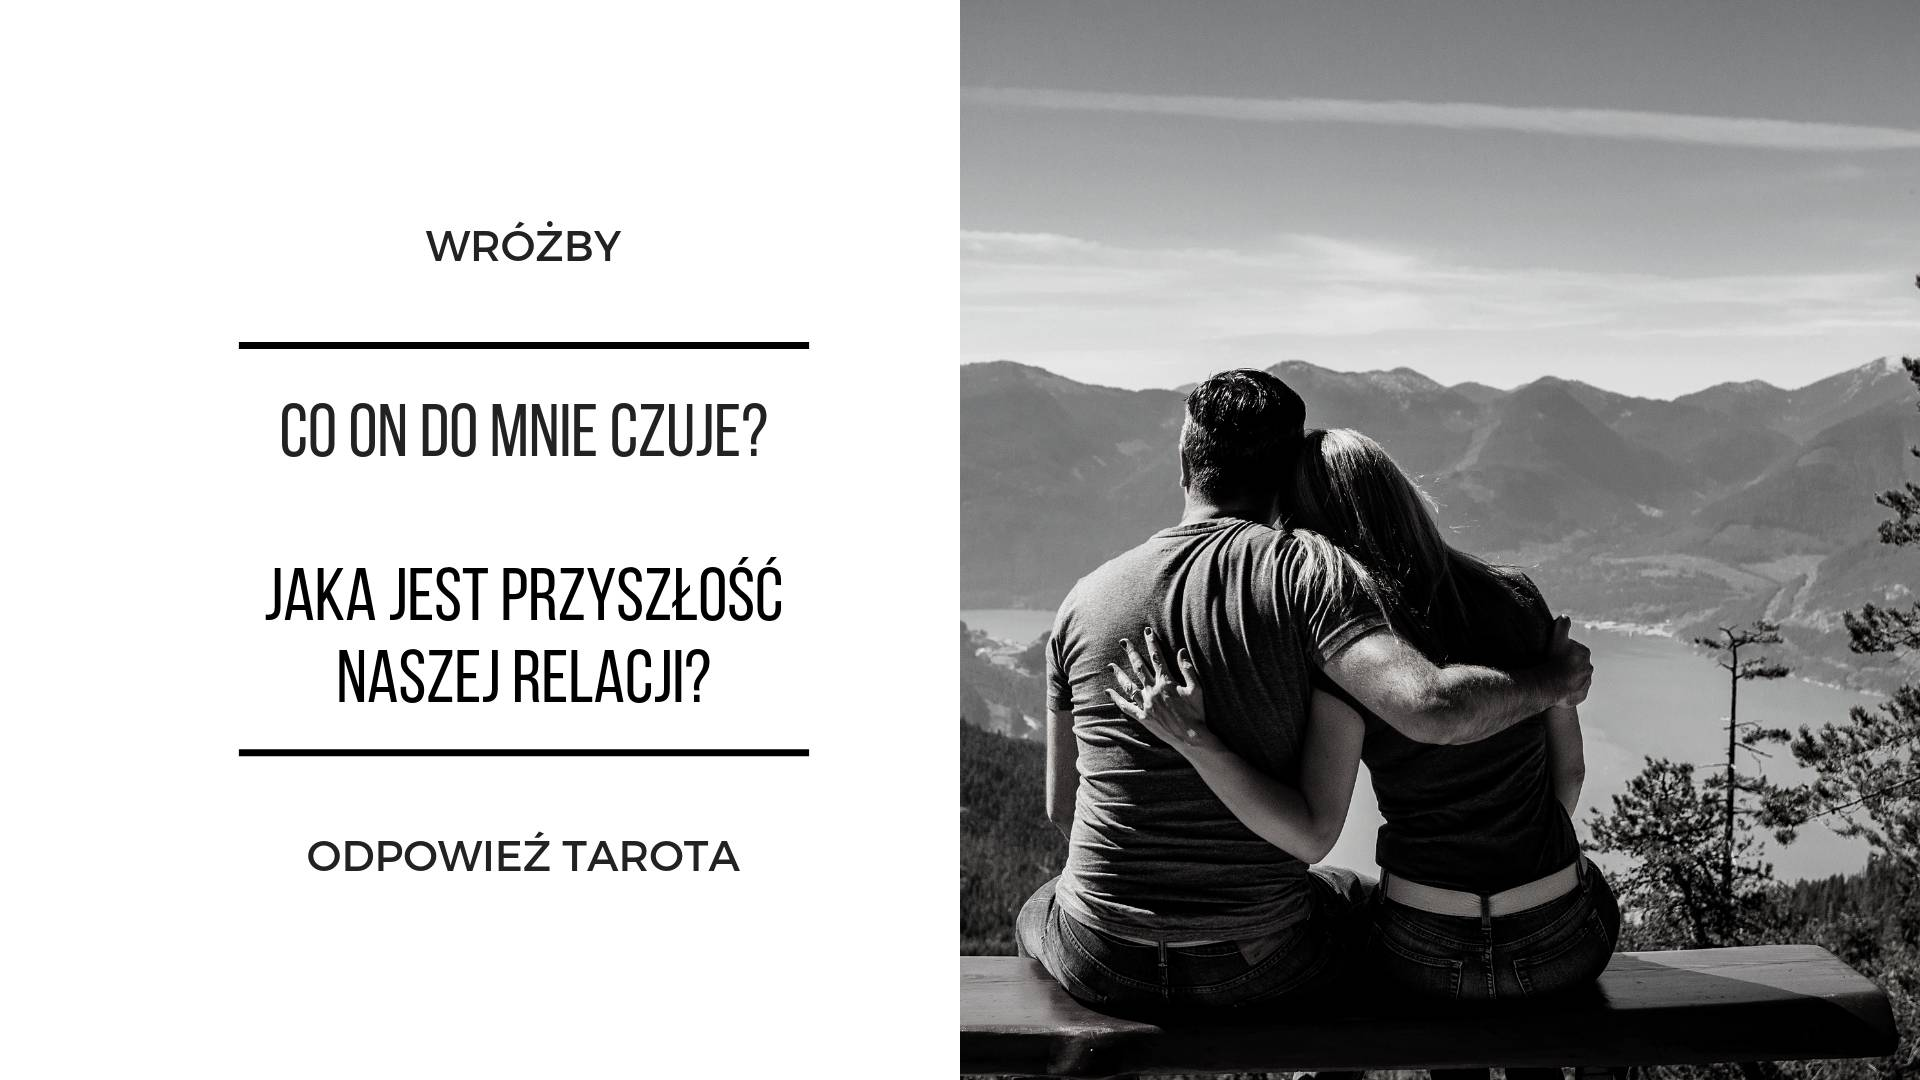 Tarot – co on do mnie czuje? 2